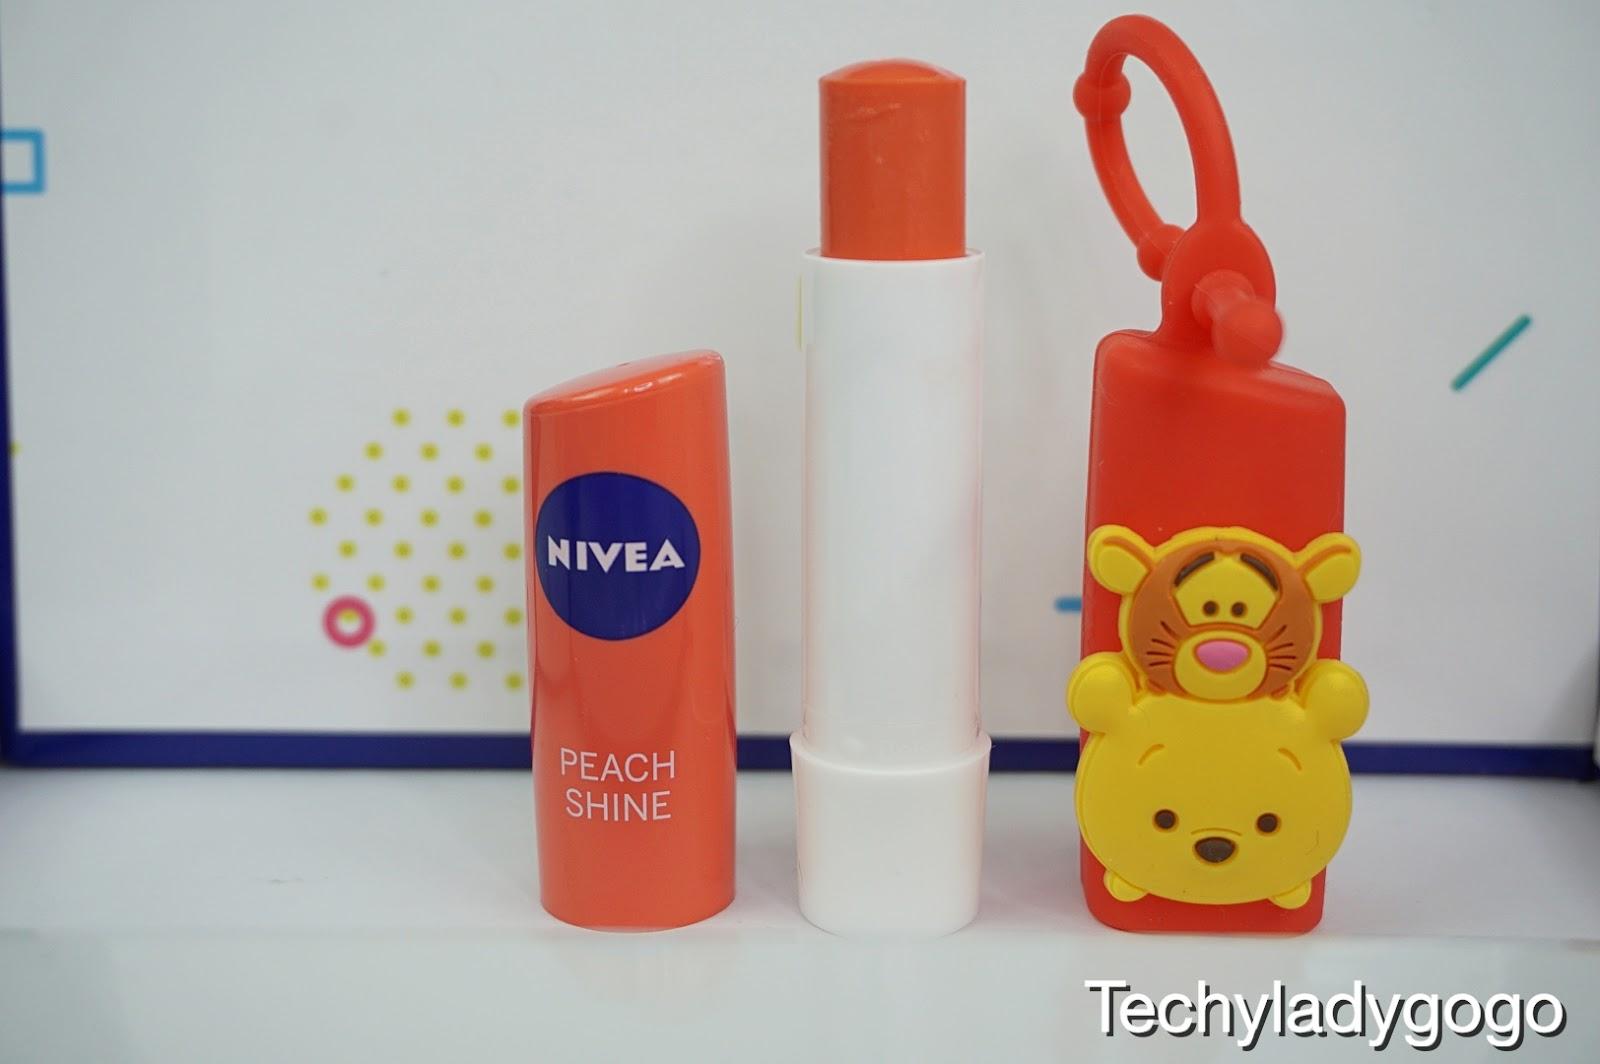 คิ้วท์สุดๆ กับลวดลาย Winnie The Pooh ที่จับคู่กับ NIVEA Peach Shine ให้ริมฝีปากเนียนนุ่มน่าสัมผัส พร้อมสีพีชระเรื่อดูเป็นประกาย ด้วยคุณค่าสารสกัดจากพีช